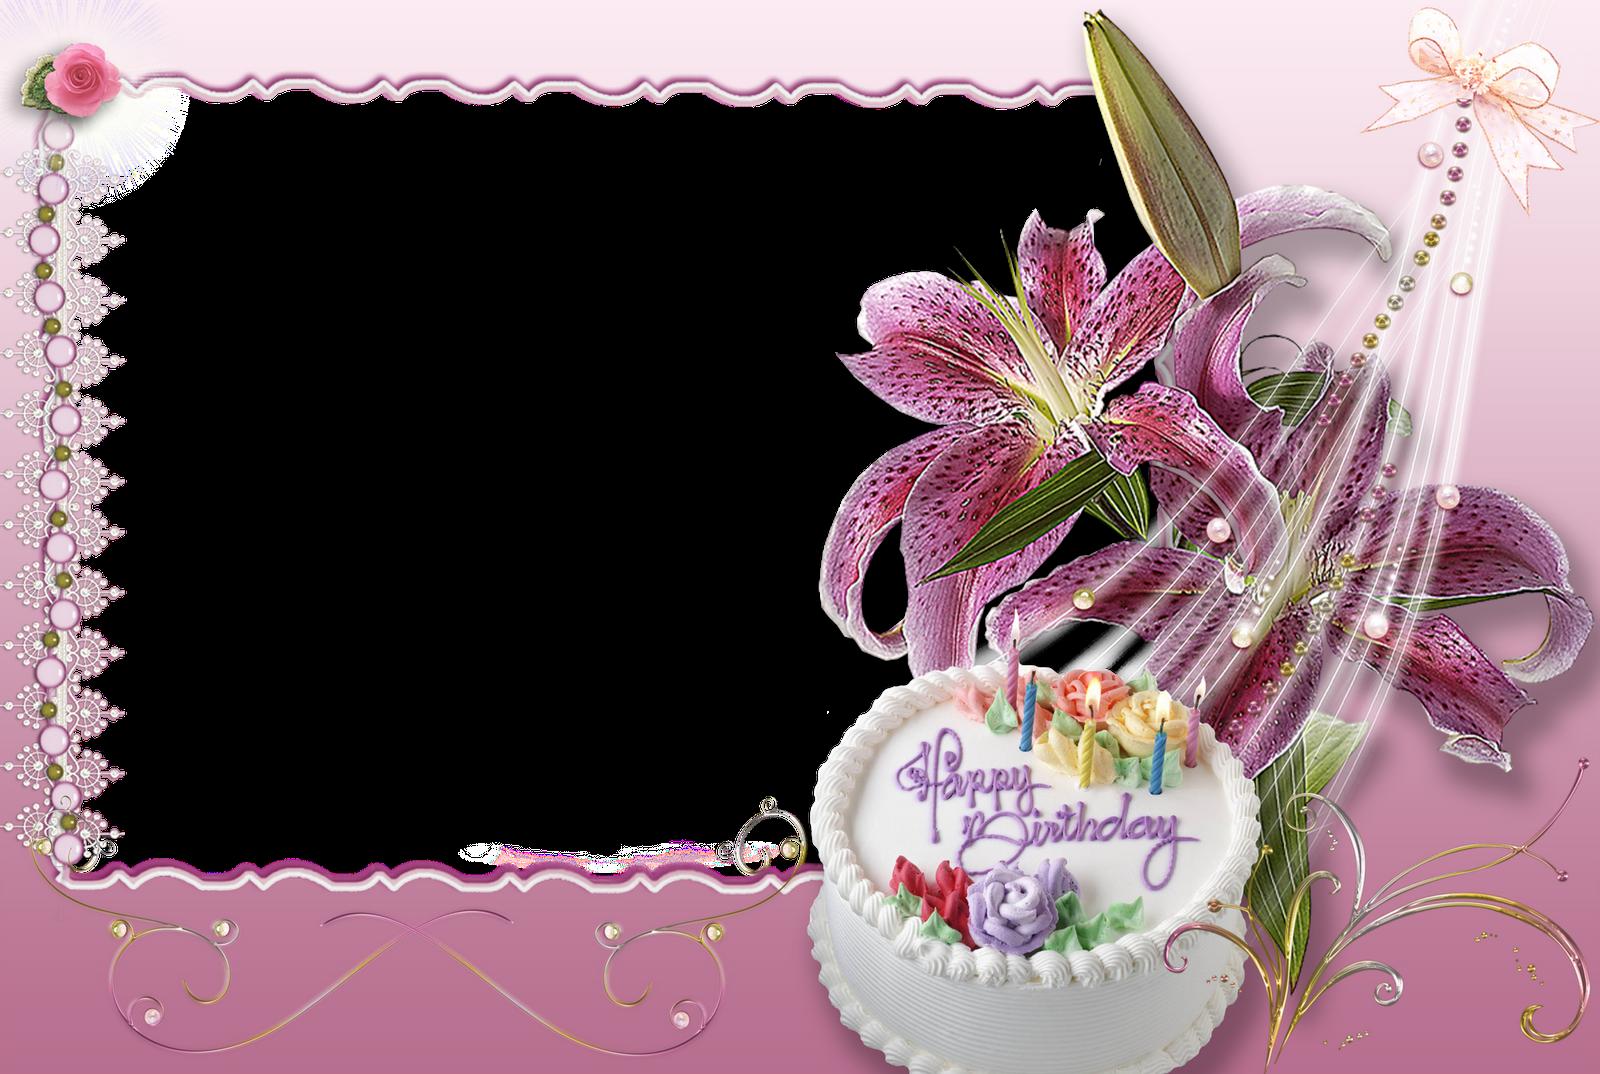 Красивые рамки для фото с днем рождения для девушки